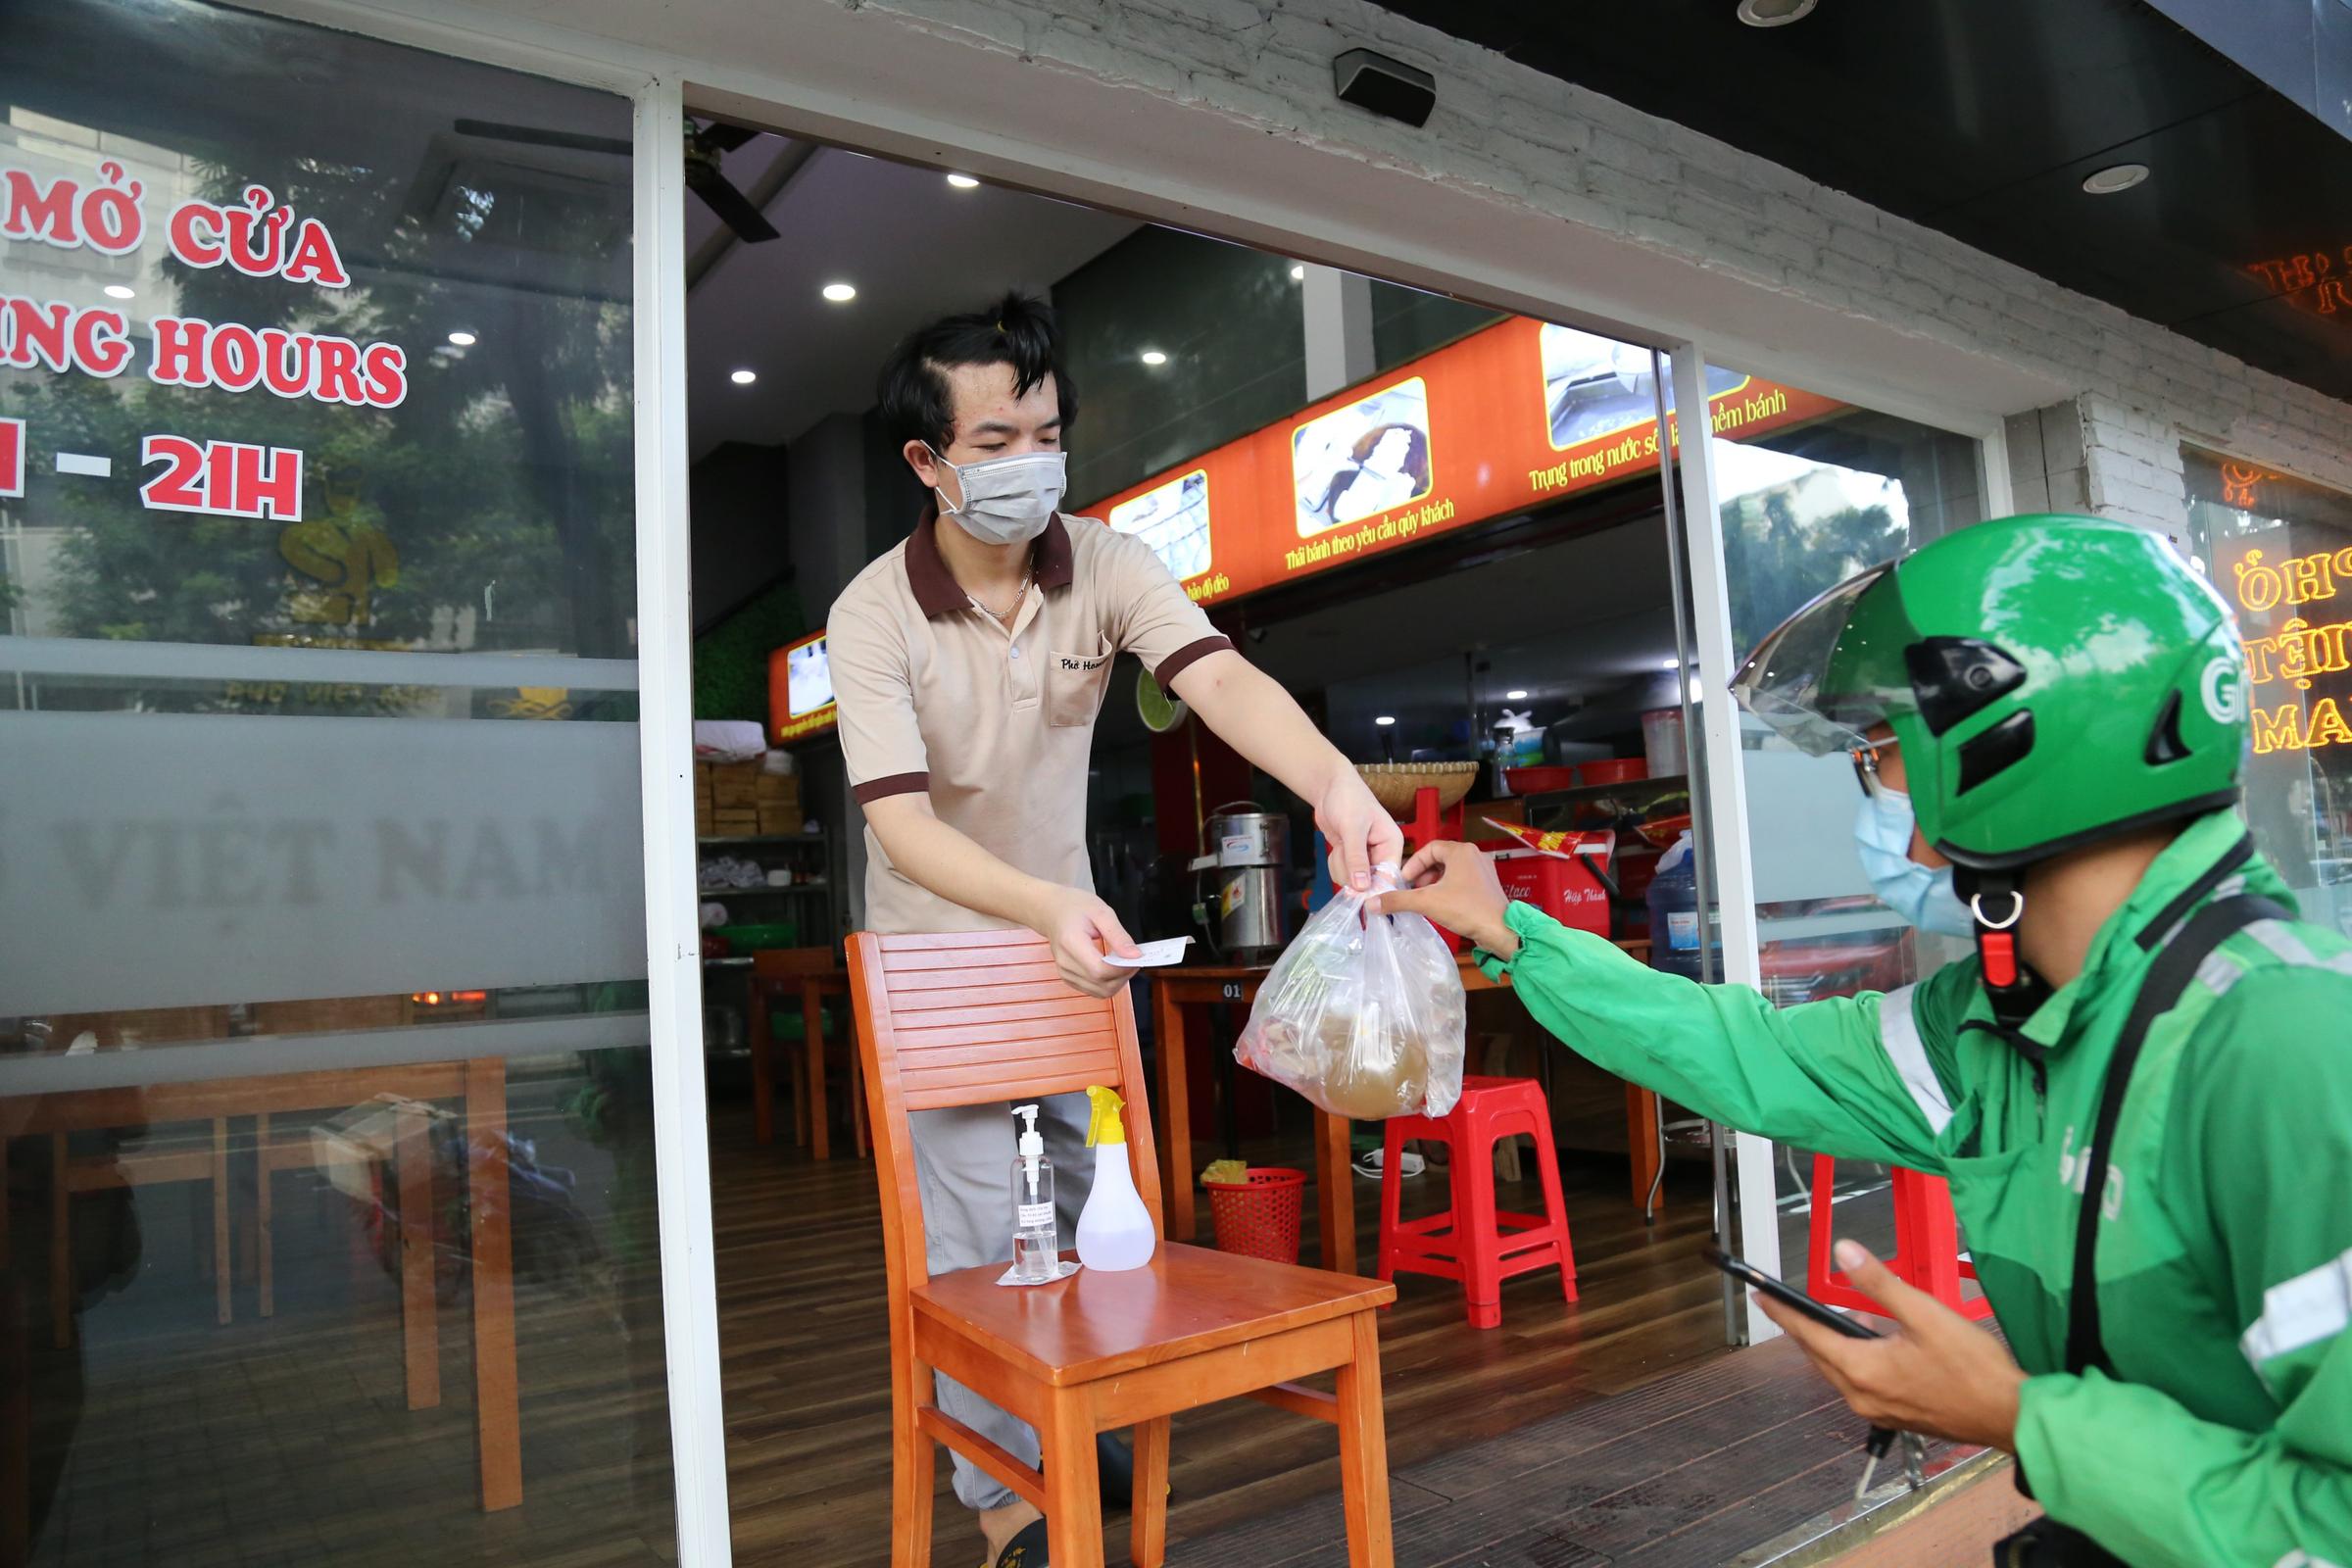 Một quán phở trên đường Bùi Bằng Đoàn, phường Tân Phong, quận 7 bán hàng cho khách mang về. Ảnh: Đình Văn